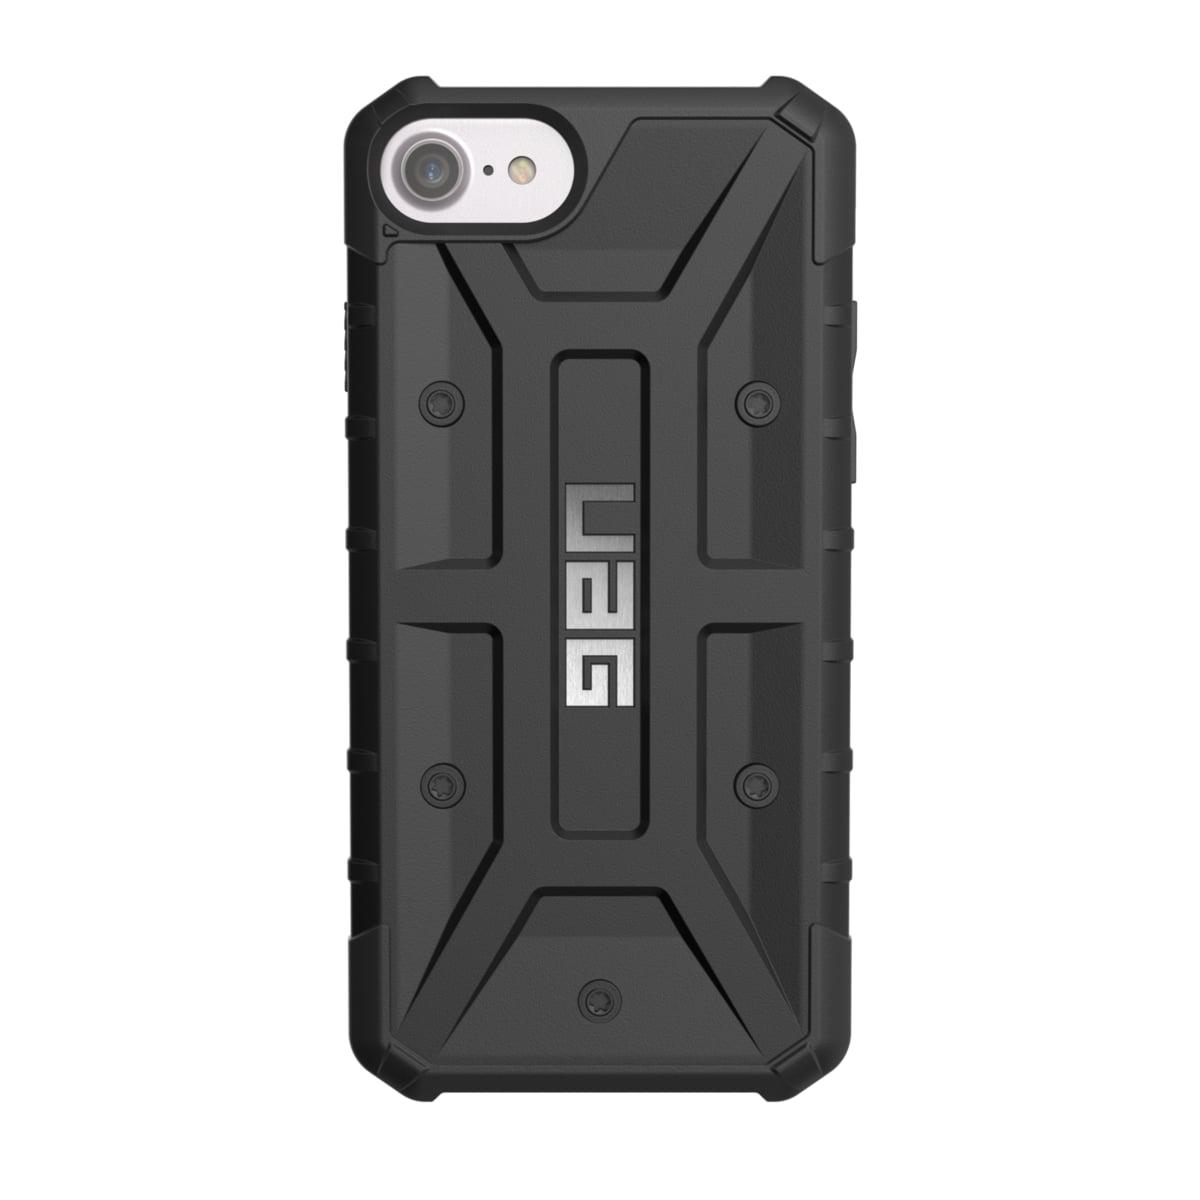 美國軍規 UAG 耐衝擊保護殻iPhone6/7/8 4.7吋-黑